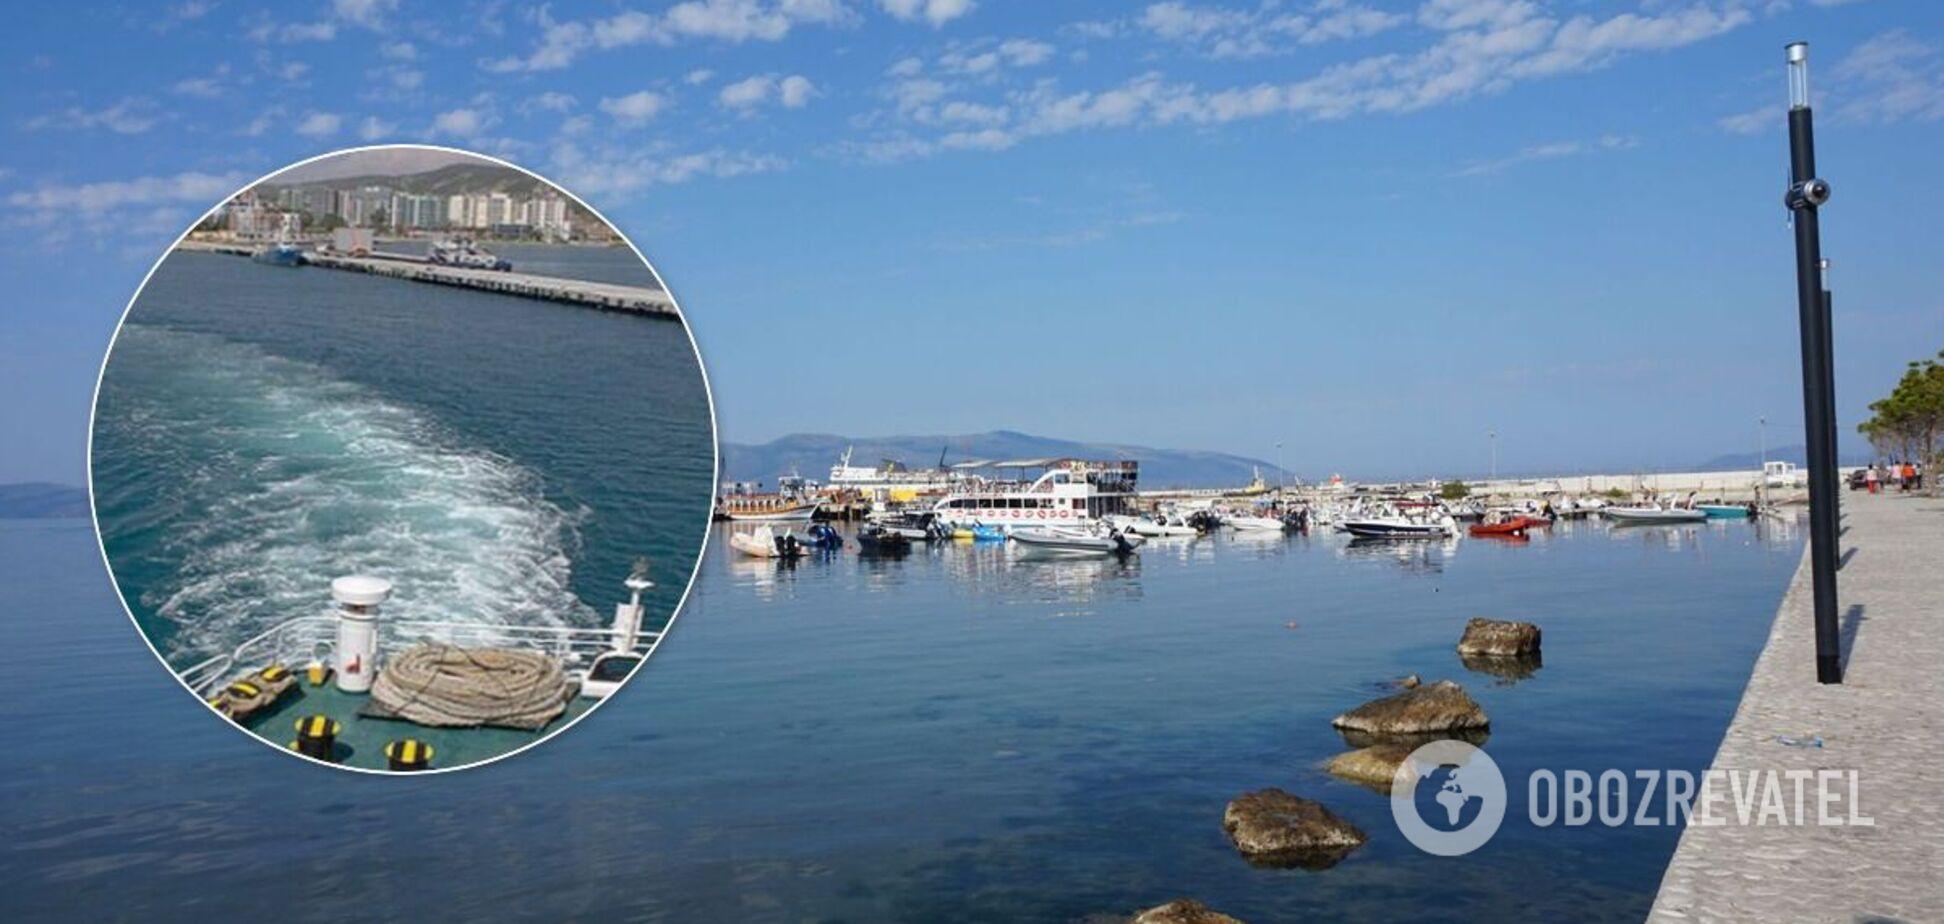 Яхту з українцями затримали в порту Албанії